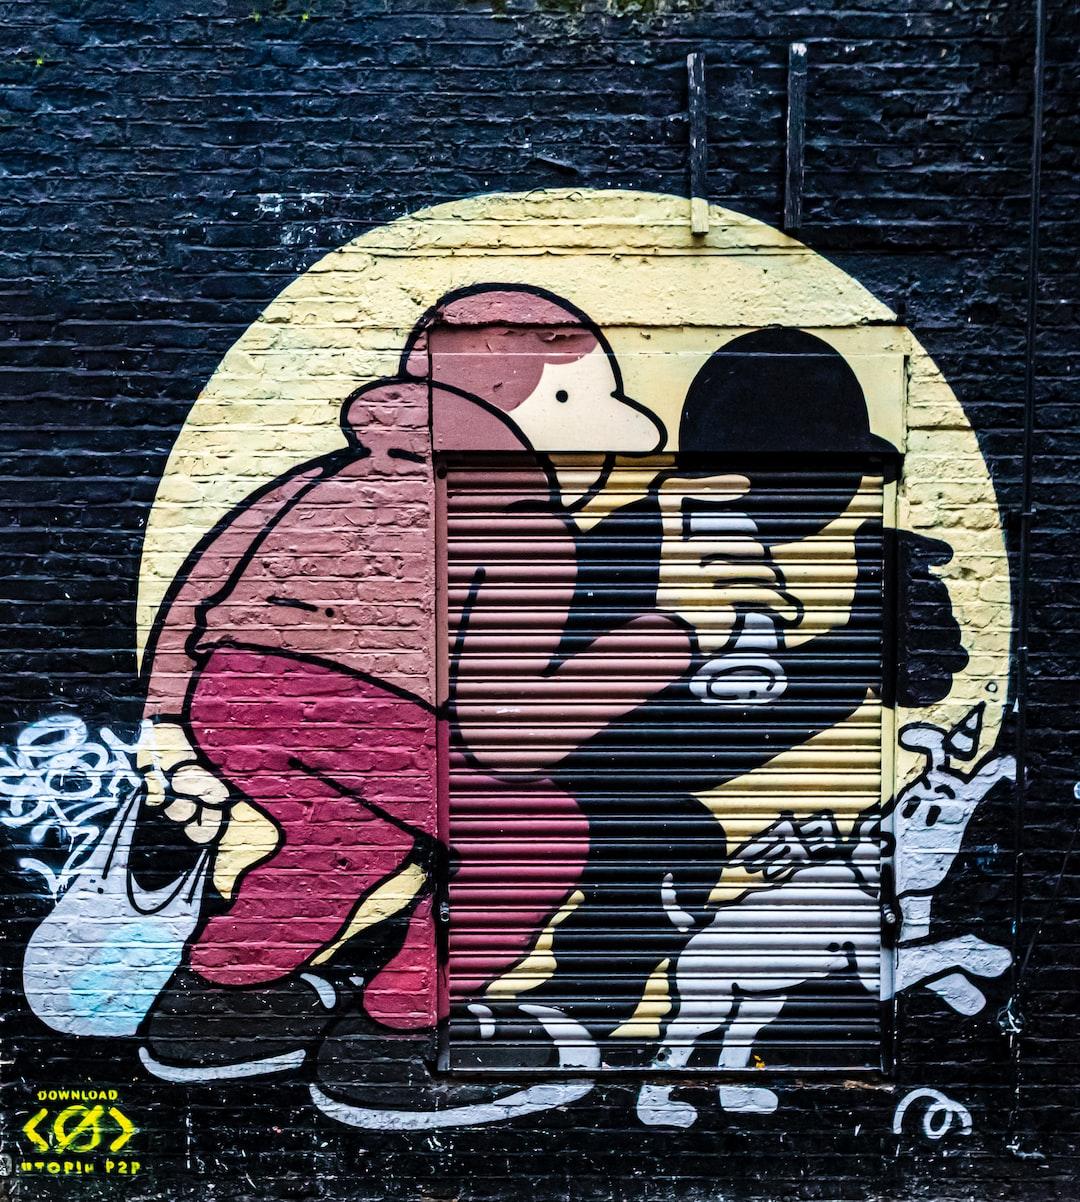 London Street Art, Graffiti, Paintings and Posters. Shoreditch, Brick Lane, London, Englland, UK. January 2020.